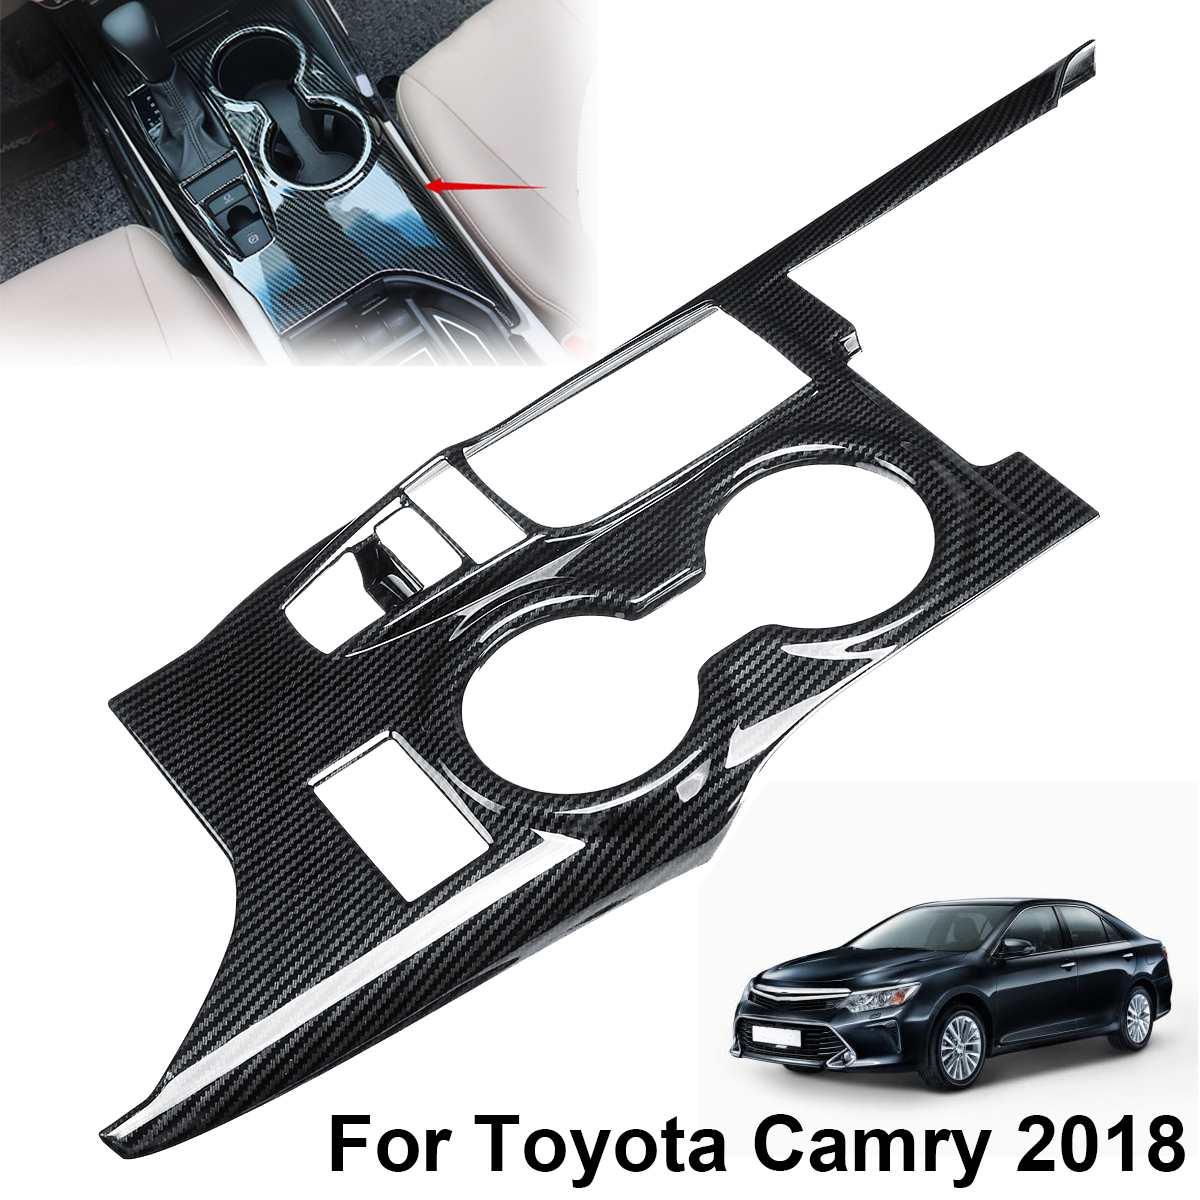 Garniture de couvercle de panneau de boîte de changement de vitesse intérieur de voiture en Fiber de carbone pour Toyota Camry 2018